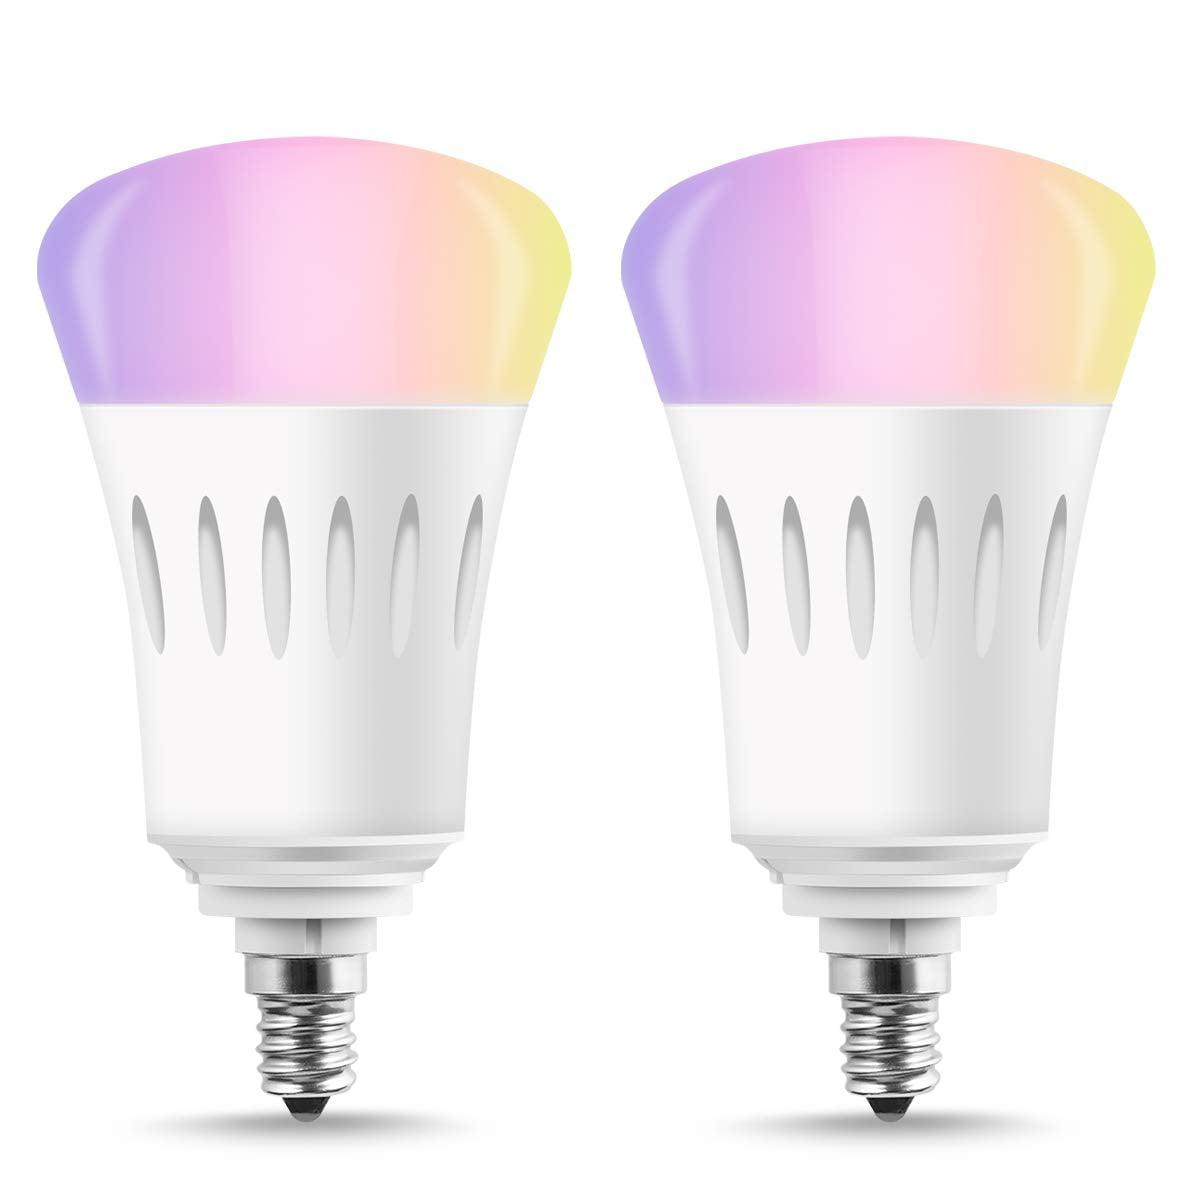 iPerGO punta sulla smart home con le lampadine intelligenti Lohas! 2